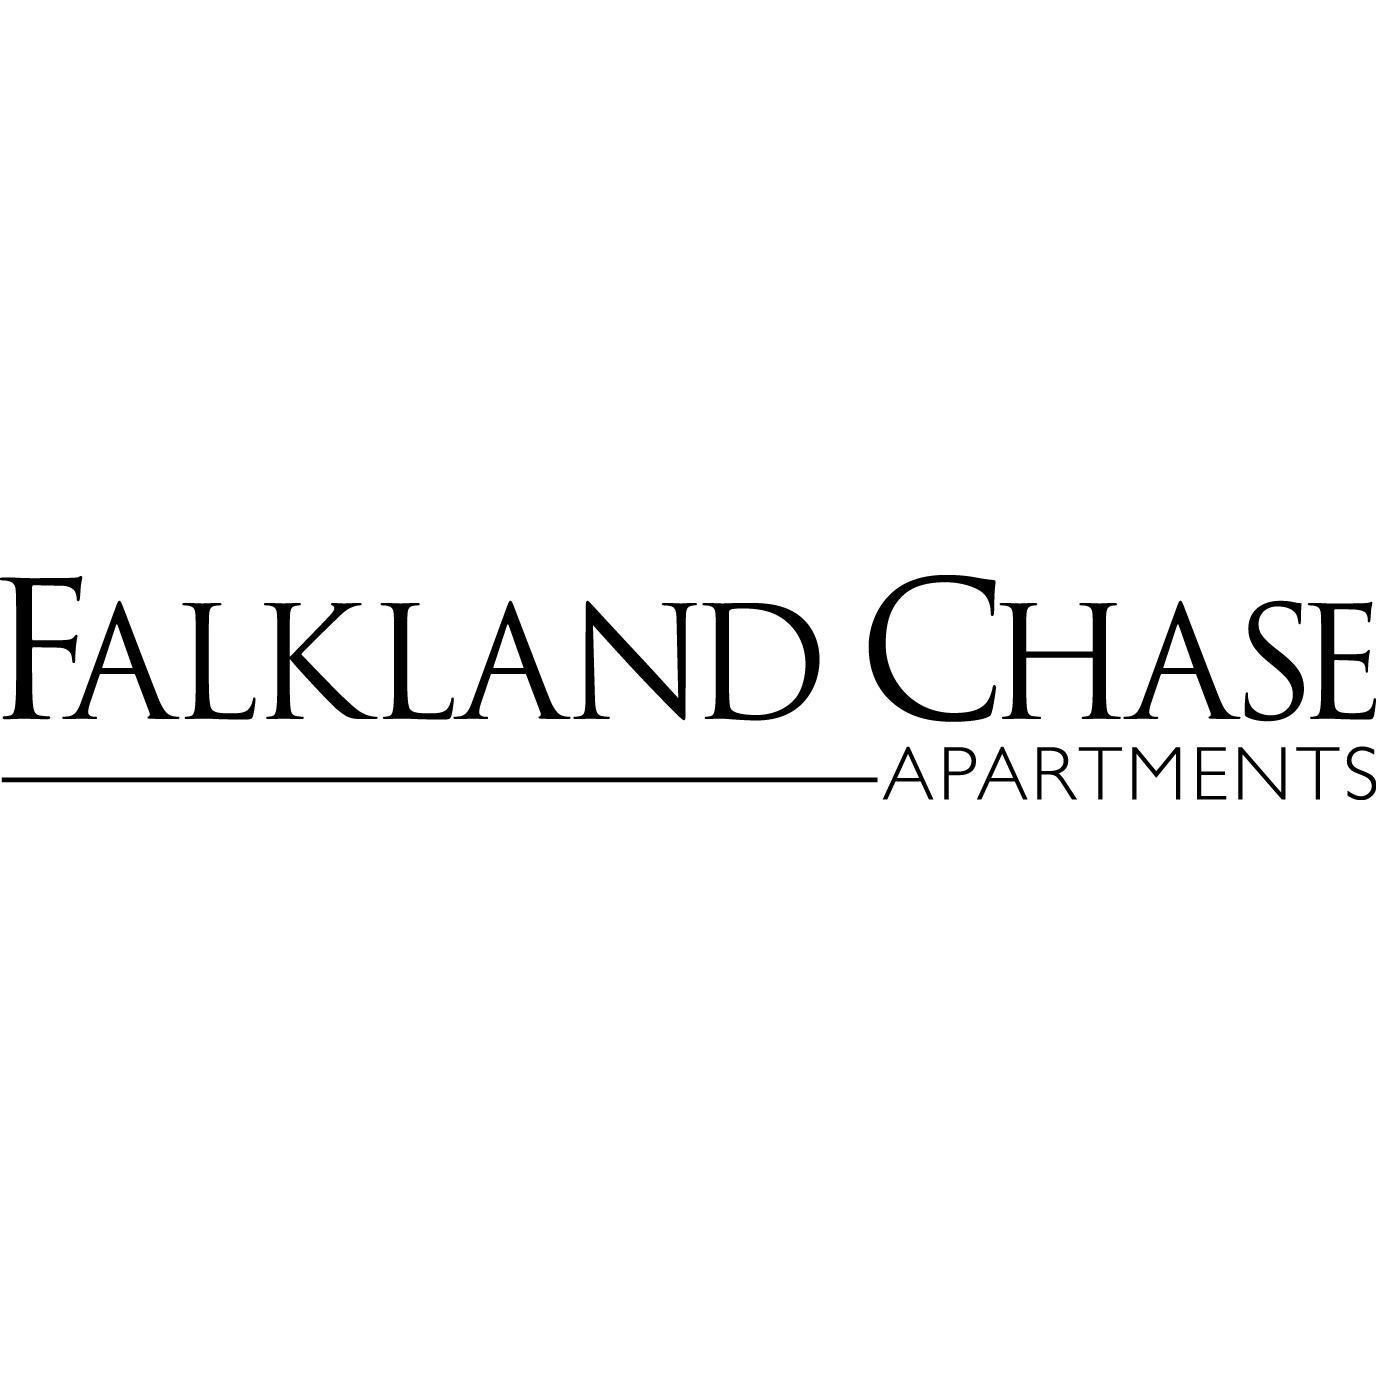 Falkland Chase